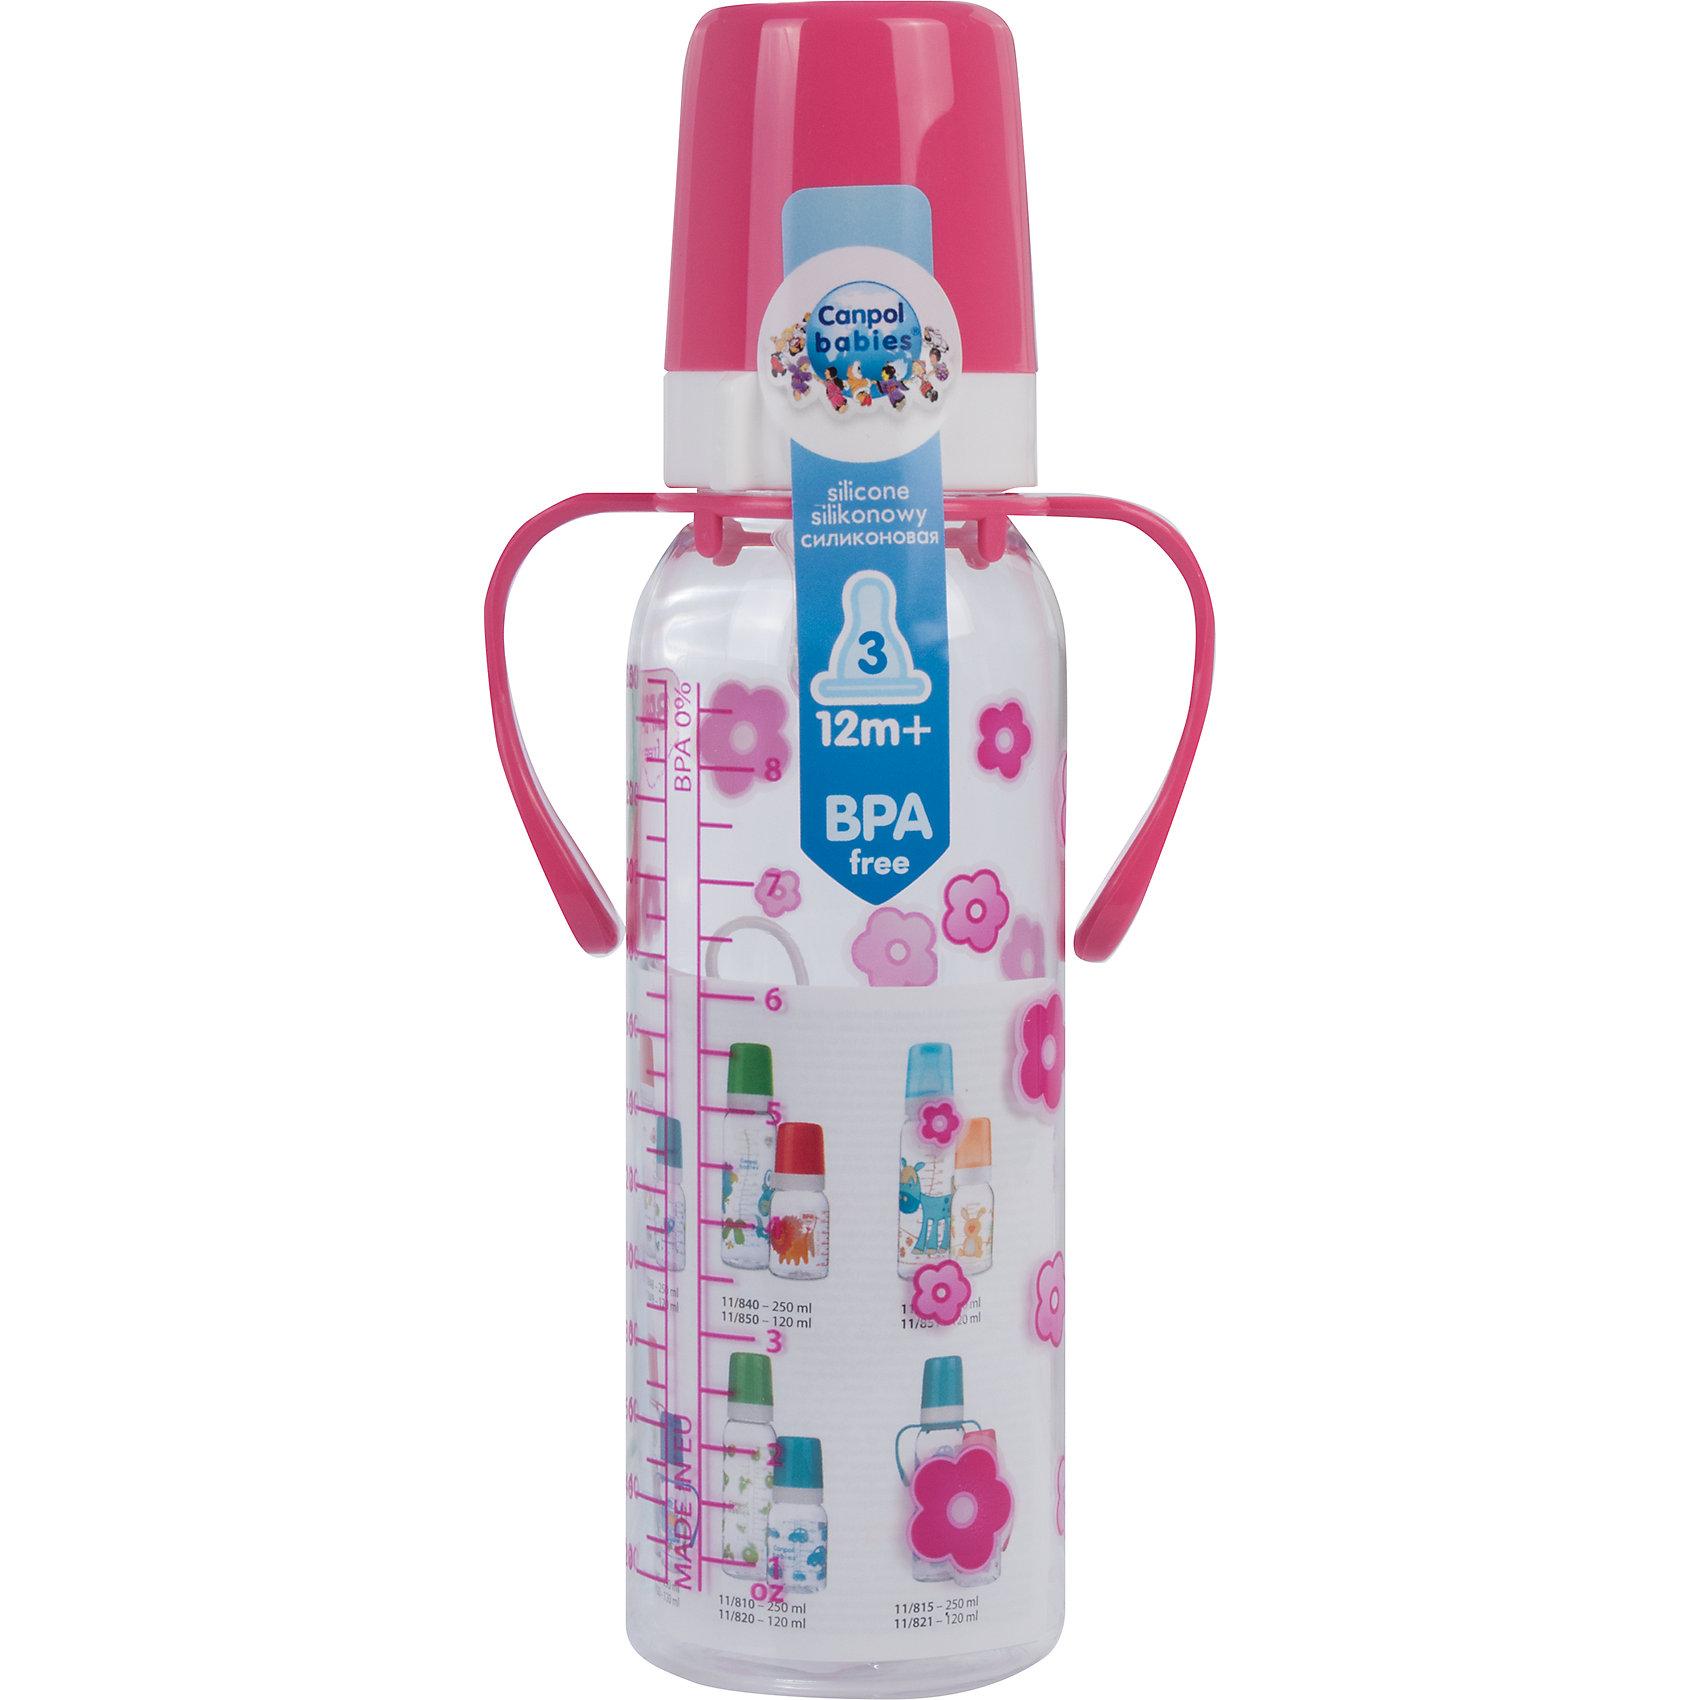 Бутылочка тритановая 250 мл. 12+, Canpol Babies, красныйБутылочки и аксессуары<br>Бутылочка тритановая (BPA 0%) с ручками с сил. соской, 250 мл. 12+, Canpol Babies, (Канпол Бейбис), розовый.<br><br>Характеристики: <br><br>• Объем бутылочки: 250 мл.<br>• Материал бутылочки: тритан - пластик нового поколения.<br>• Материал соски: силикон.<br>• Цвет : розовый. <br>• Удобные ручки.<br>Бутылочка тритановая (BPA 0%) с ручками с сил. соской, 250 мл. 12+, Canpol Babies, (Канпол Бейбис) имеет классическую форму и снабжена ручками. Удобна в использовании дома и в дороге. Бутылочка выполнена из безопасного качественного материала - тритана, который хорошо держит тепло, снабжена силиконовой соской (быстрый поток) и защитным колпачком, имеет удобную мерную шкалу.  Такую бутылочку и все части можно кипятить в воде или стерилизовать с помощью специального прибора. Не впитывает запахи. По мере взросления малыш сможет самостоятельно пить из бутылочки, держа  ее за удобные ручки. <br>Бутылочку тритановая (BPA 0%) с ручками с сил. соской, 250 мл. 12+, Canpol Babies, (Канпол Бейбис), розовый можно купить в нашем интернет- магазине.<br><br>Ширина мм: 90<br>Глубина мм: 54<br>Высота мм: 235<br>Вес г: 710<br>Возраст от месяцев: 12<br>Возраст до месяцев: 36<br>Пол: Унисекс<br>Возраст: Детский<br>SKU: 5156792